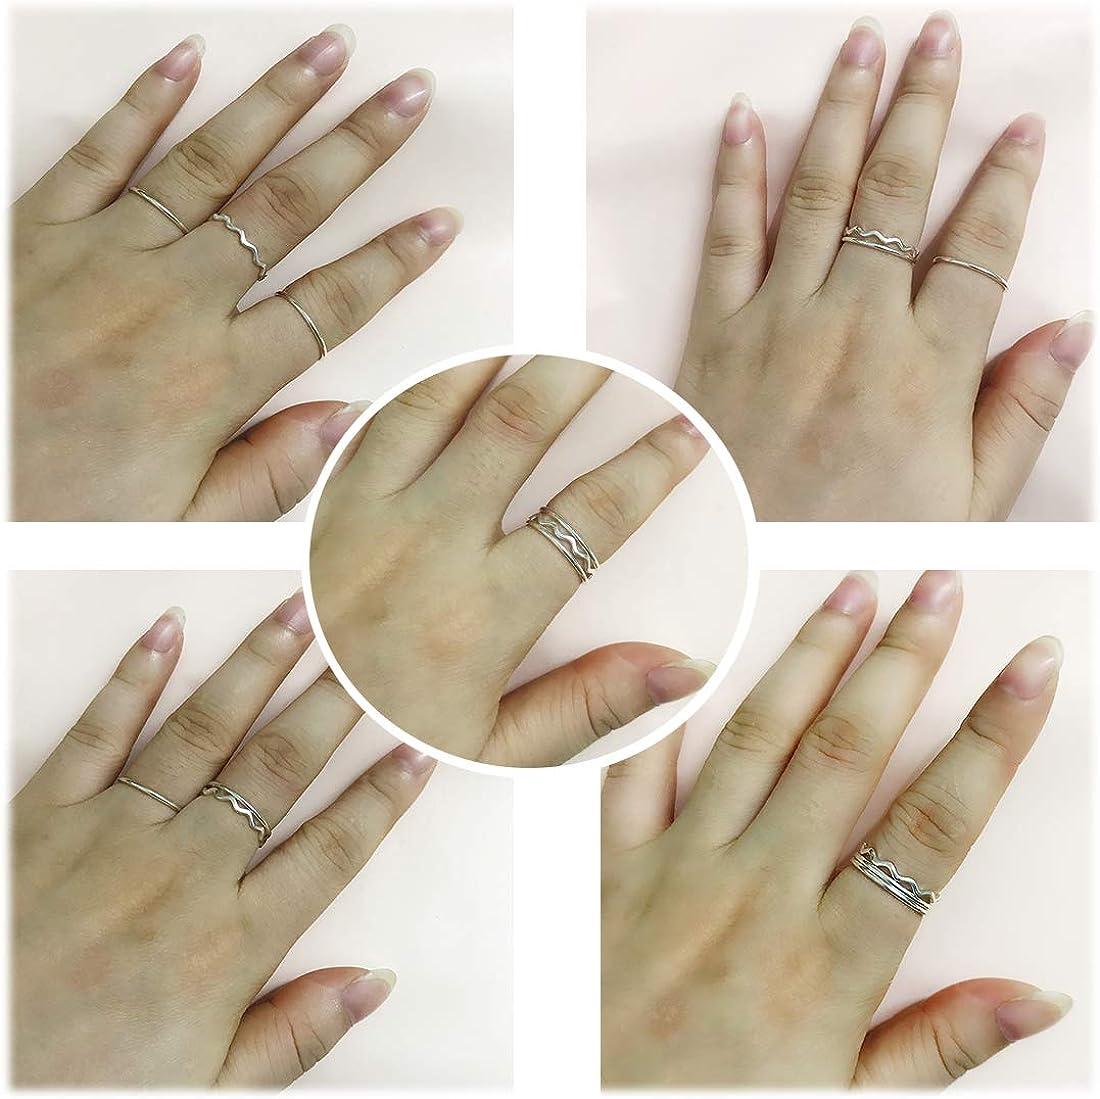 Size-5.75 1//10 cttw, 3 Diamond Promise Ring in 14K White Gold G-H,I2-I3